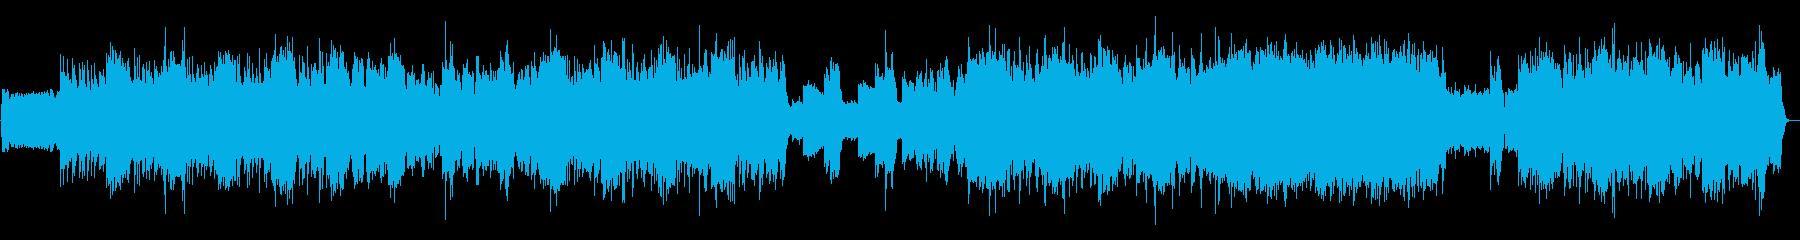 インディーロック 荒々しいバンドサウンドの再生済みの波形